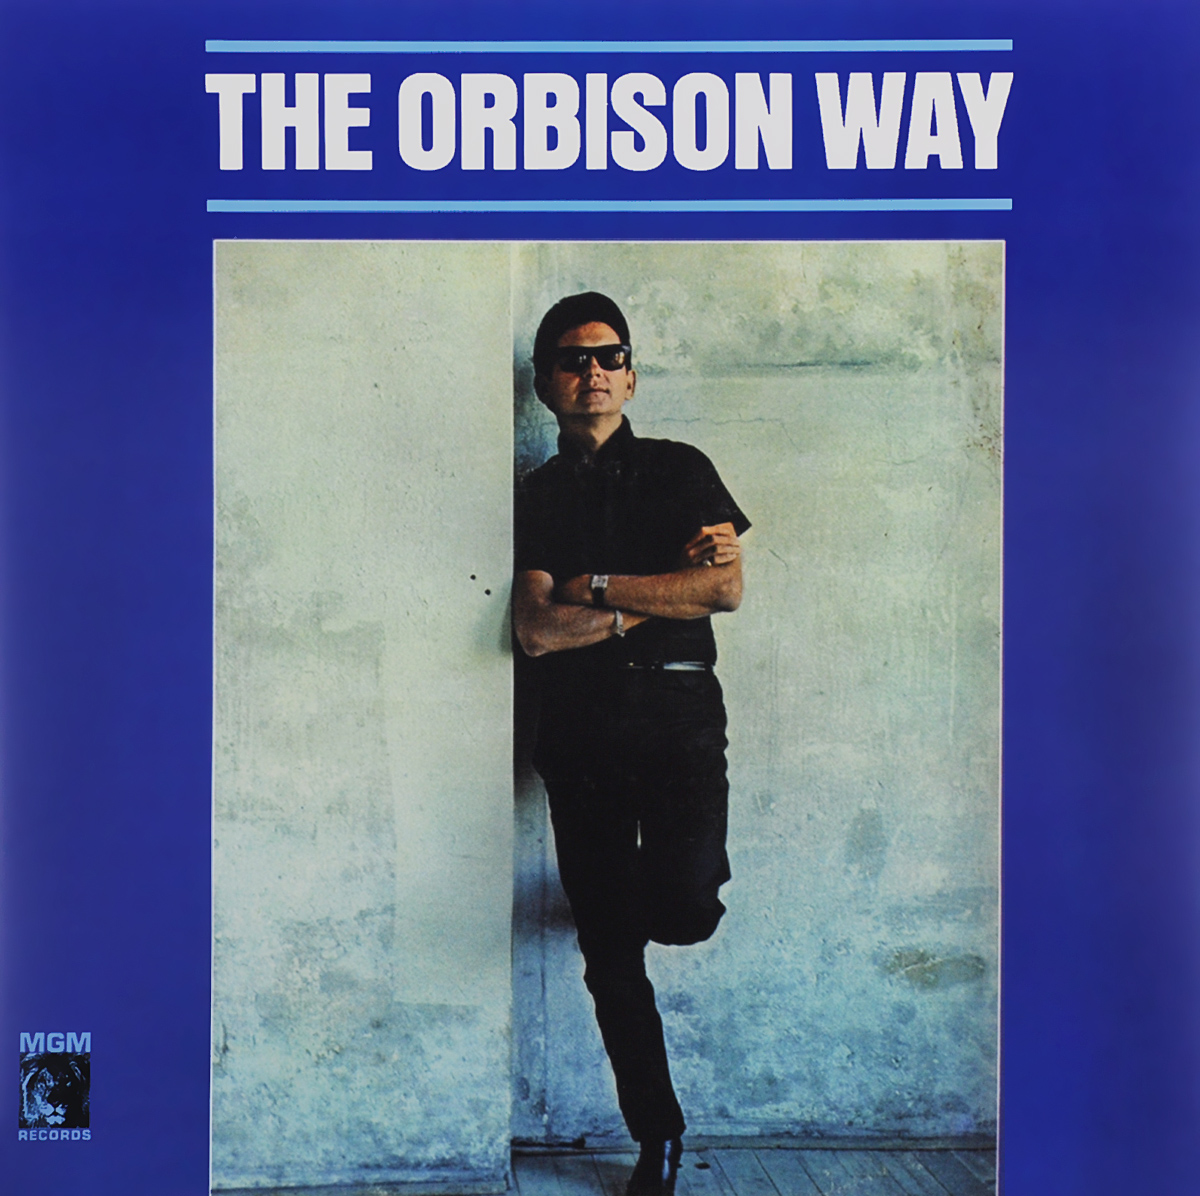 Рой Орбисон Roy Orbison. The Orbison Way (LP) рой эйрс roy ayers ubiquity lifeline lp